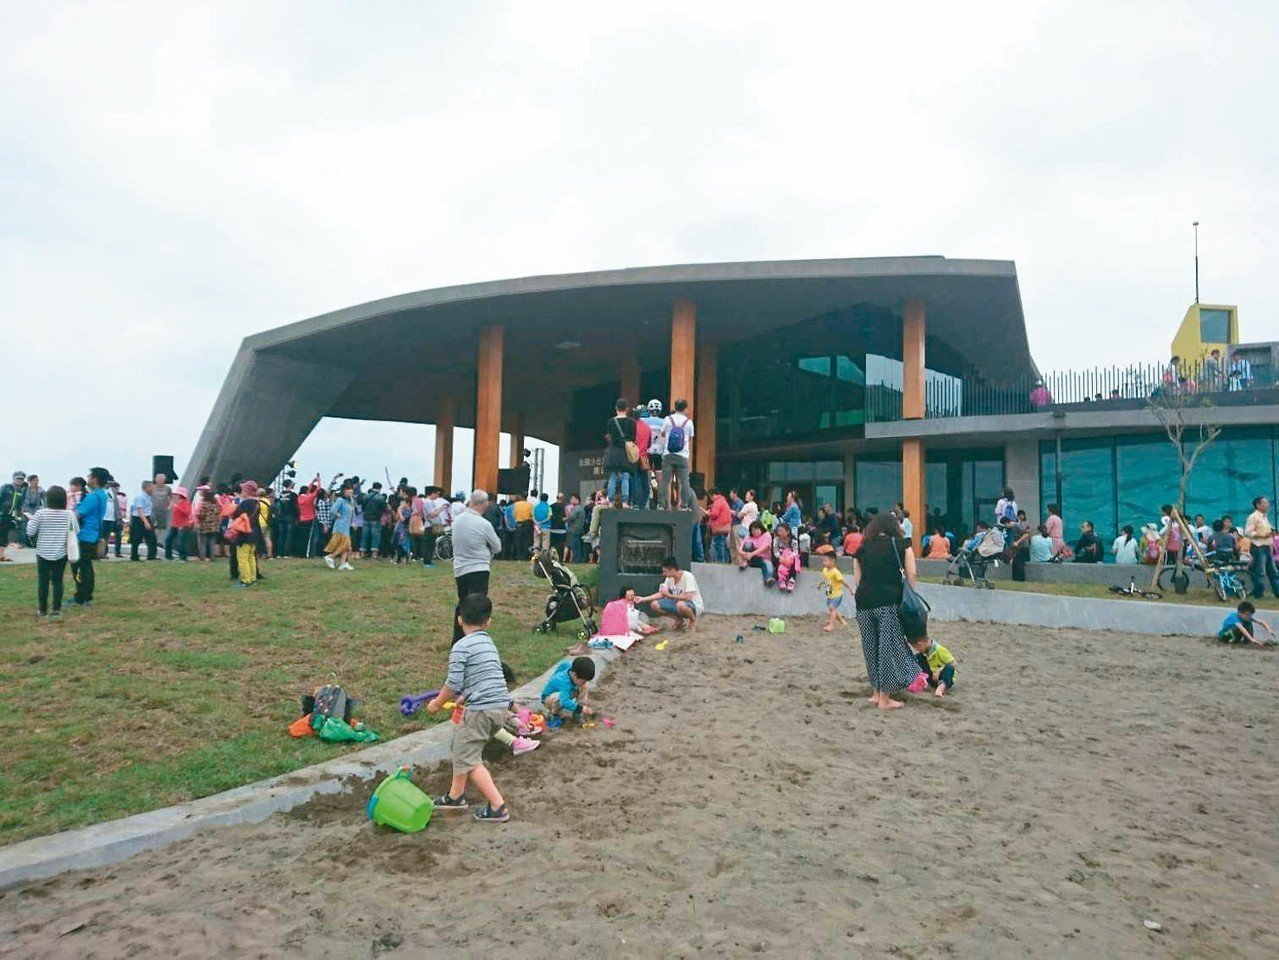 宜蘭新設的「壯圍沙丘旅遊服務園區」昨開幕,建物融合地景,有沙可玩。 記者羅建旺/...